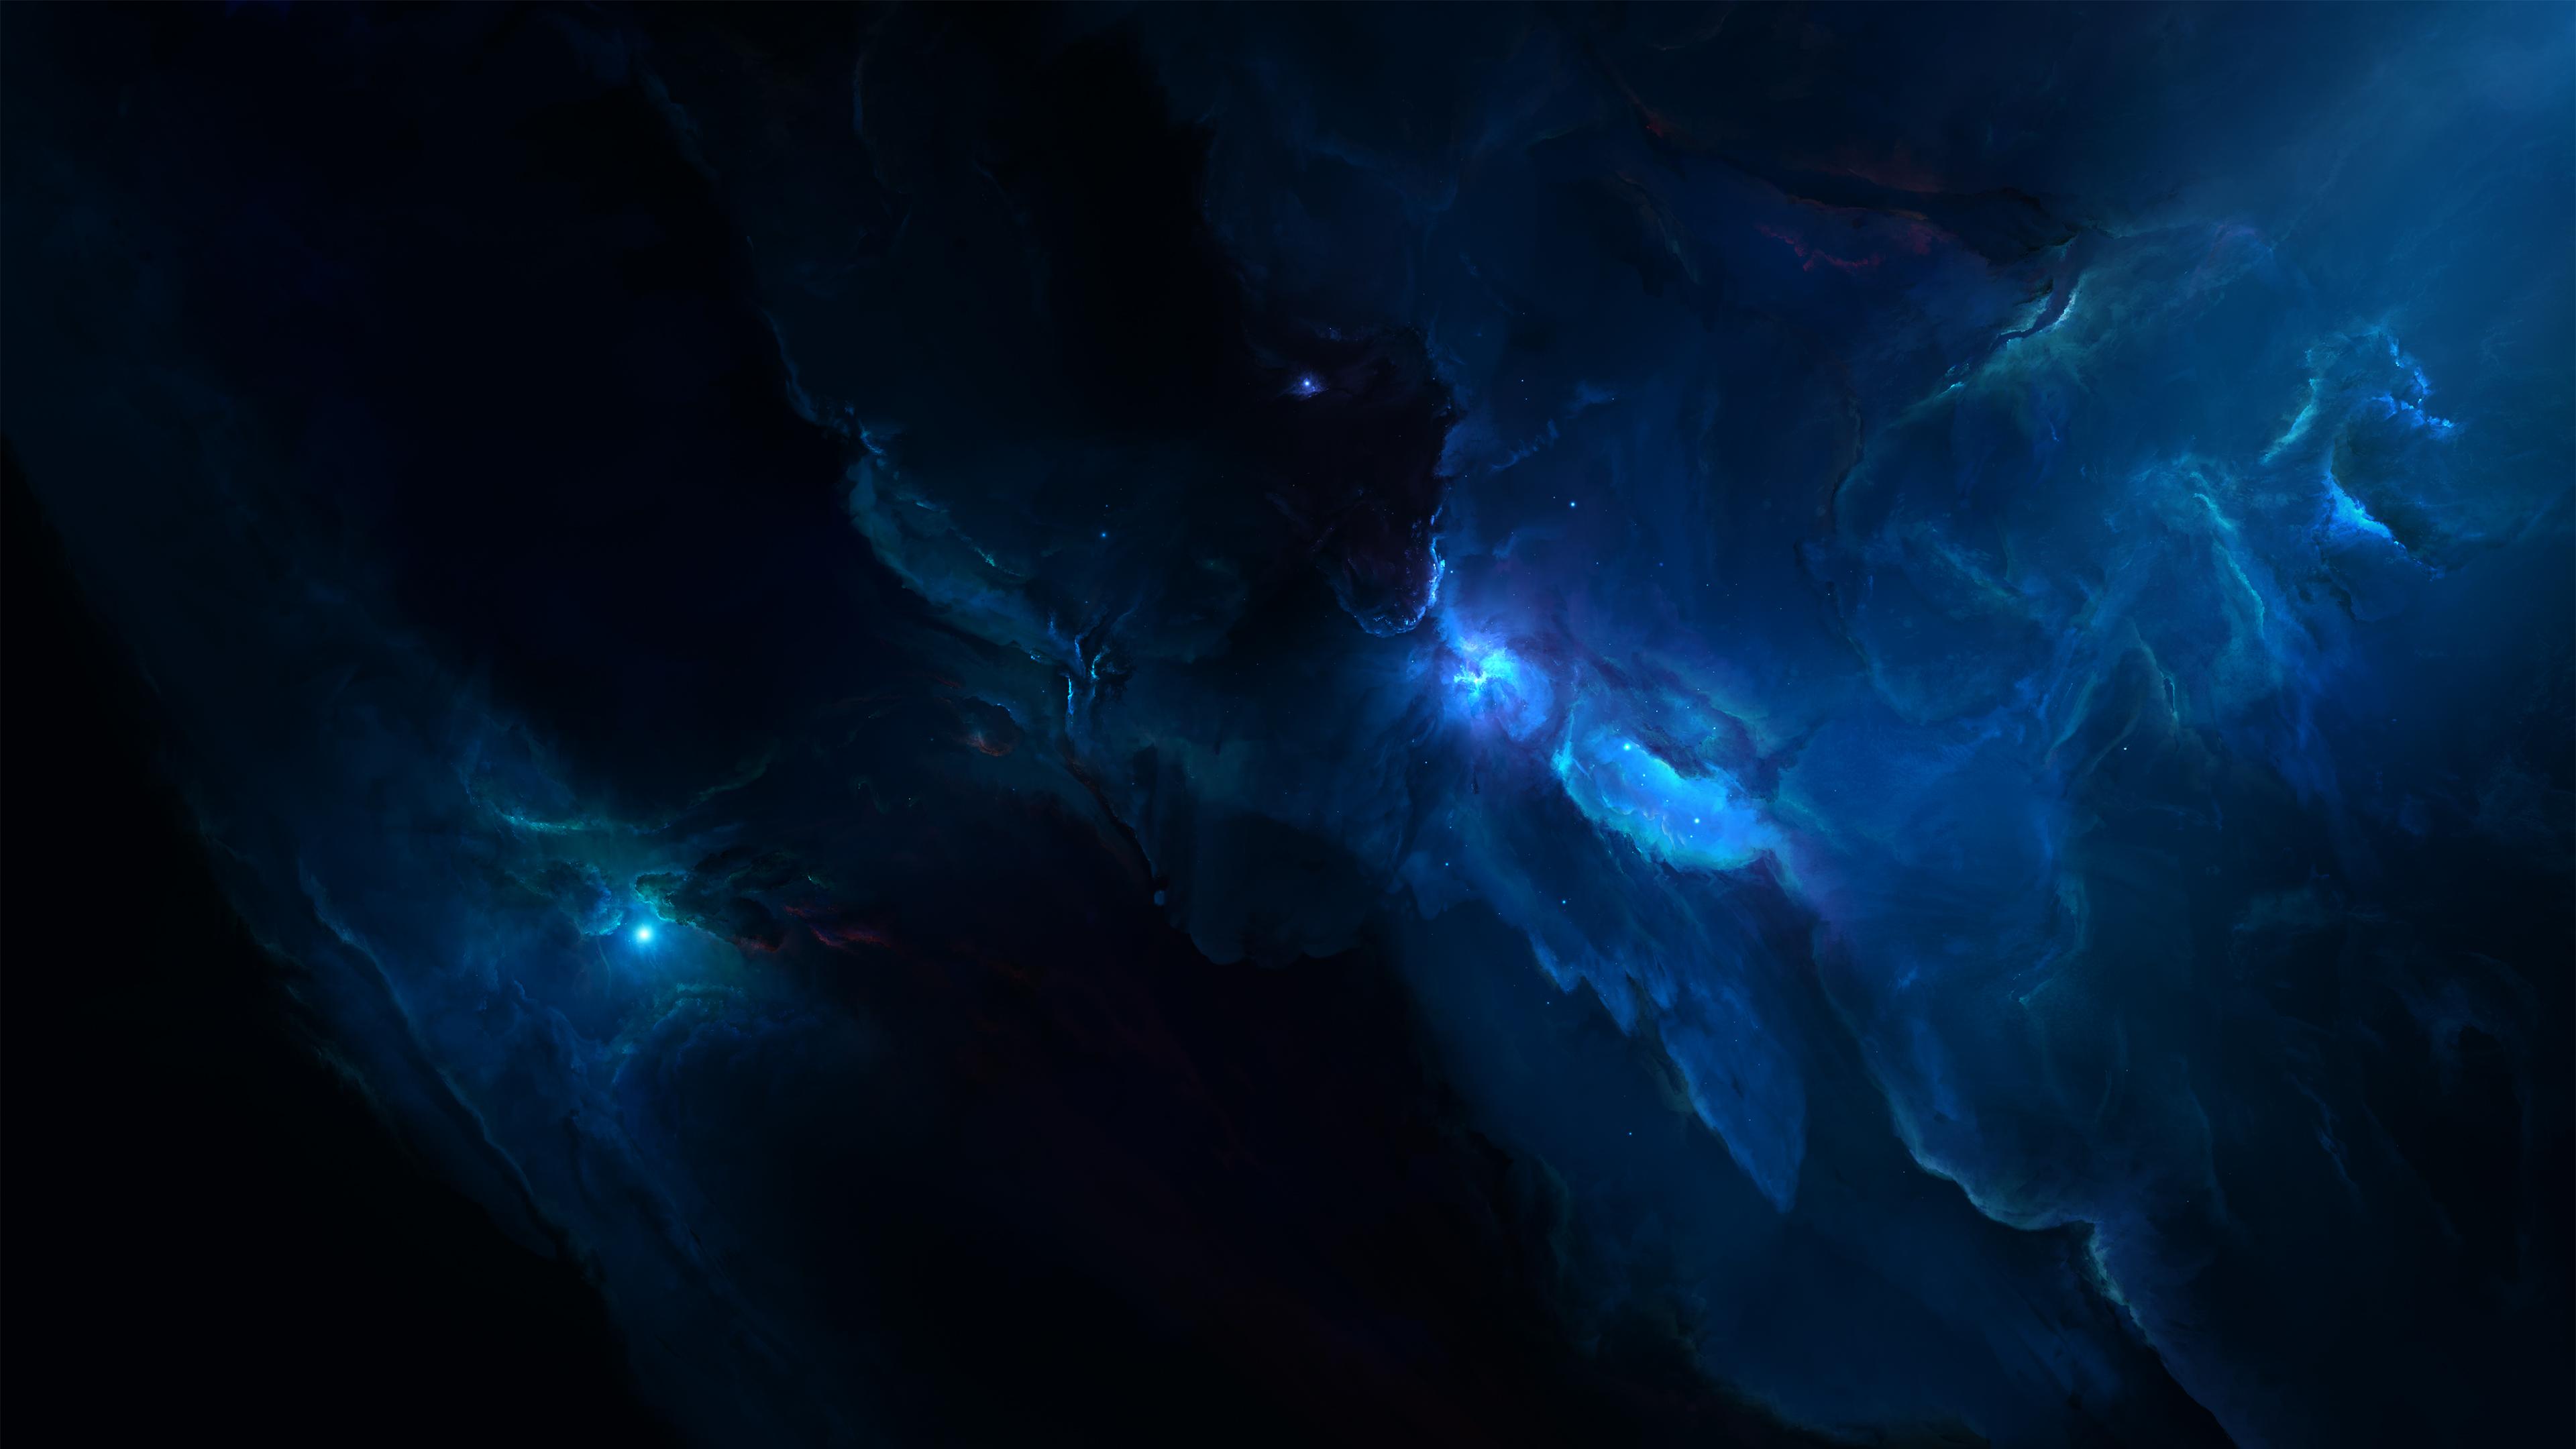 Picalls Com Atlantis Labyrinth Nebula By Starkiteckt By